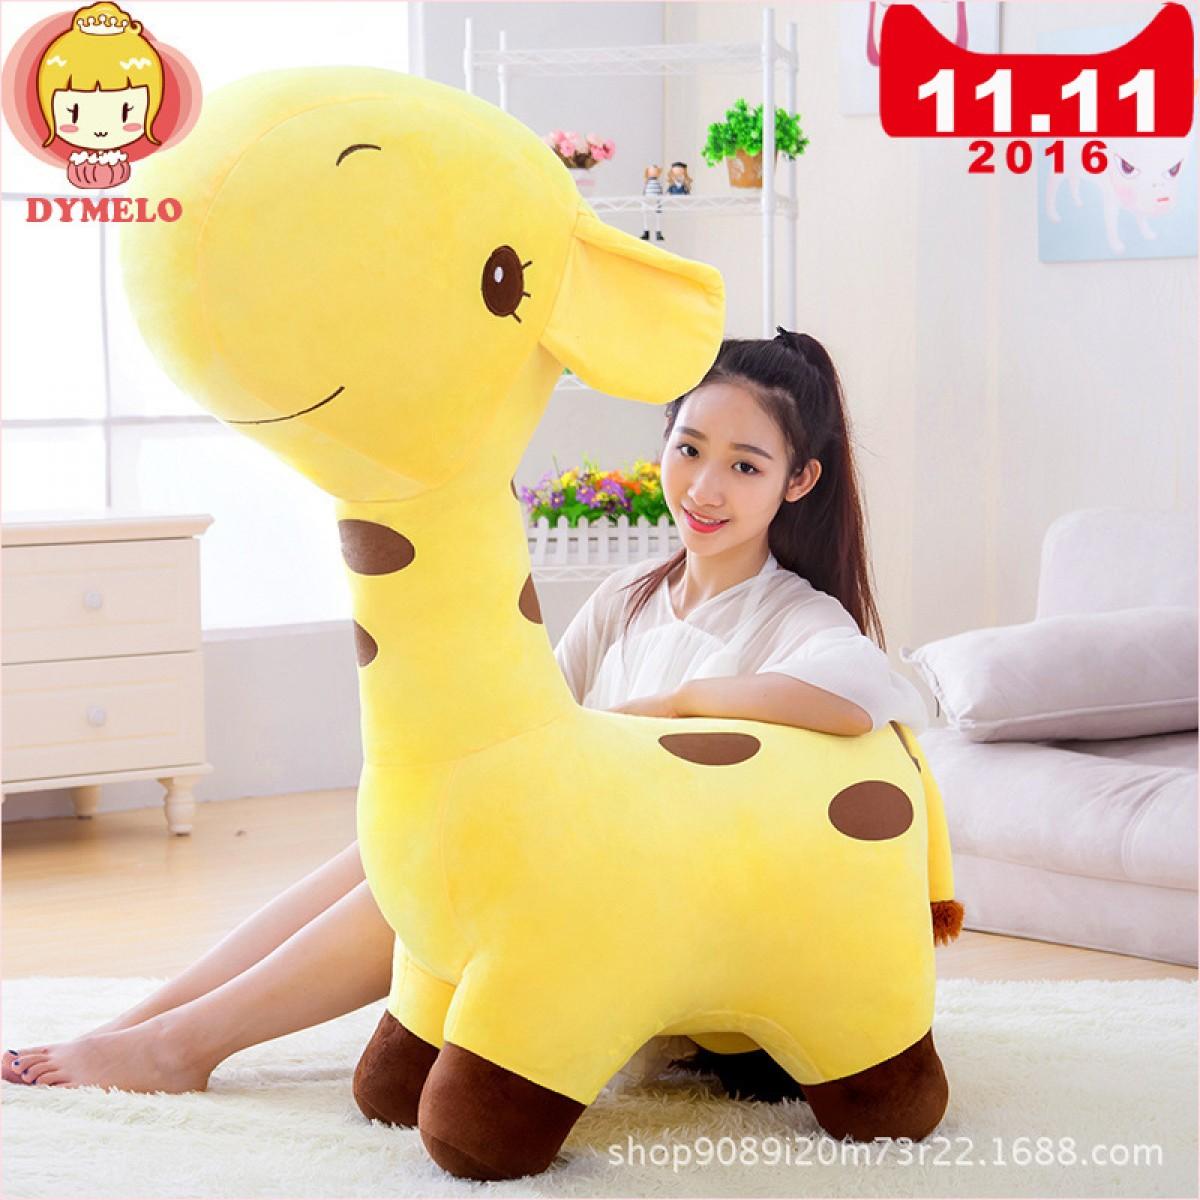 大号长颈鹿公仔可爱长毛绒玩具抱枕玩偶女孩布娃娃女生日儿童礼物